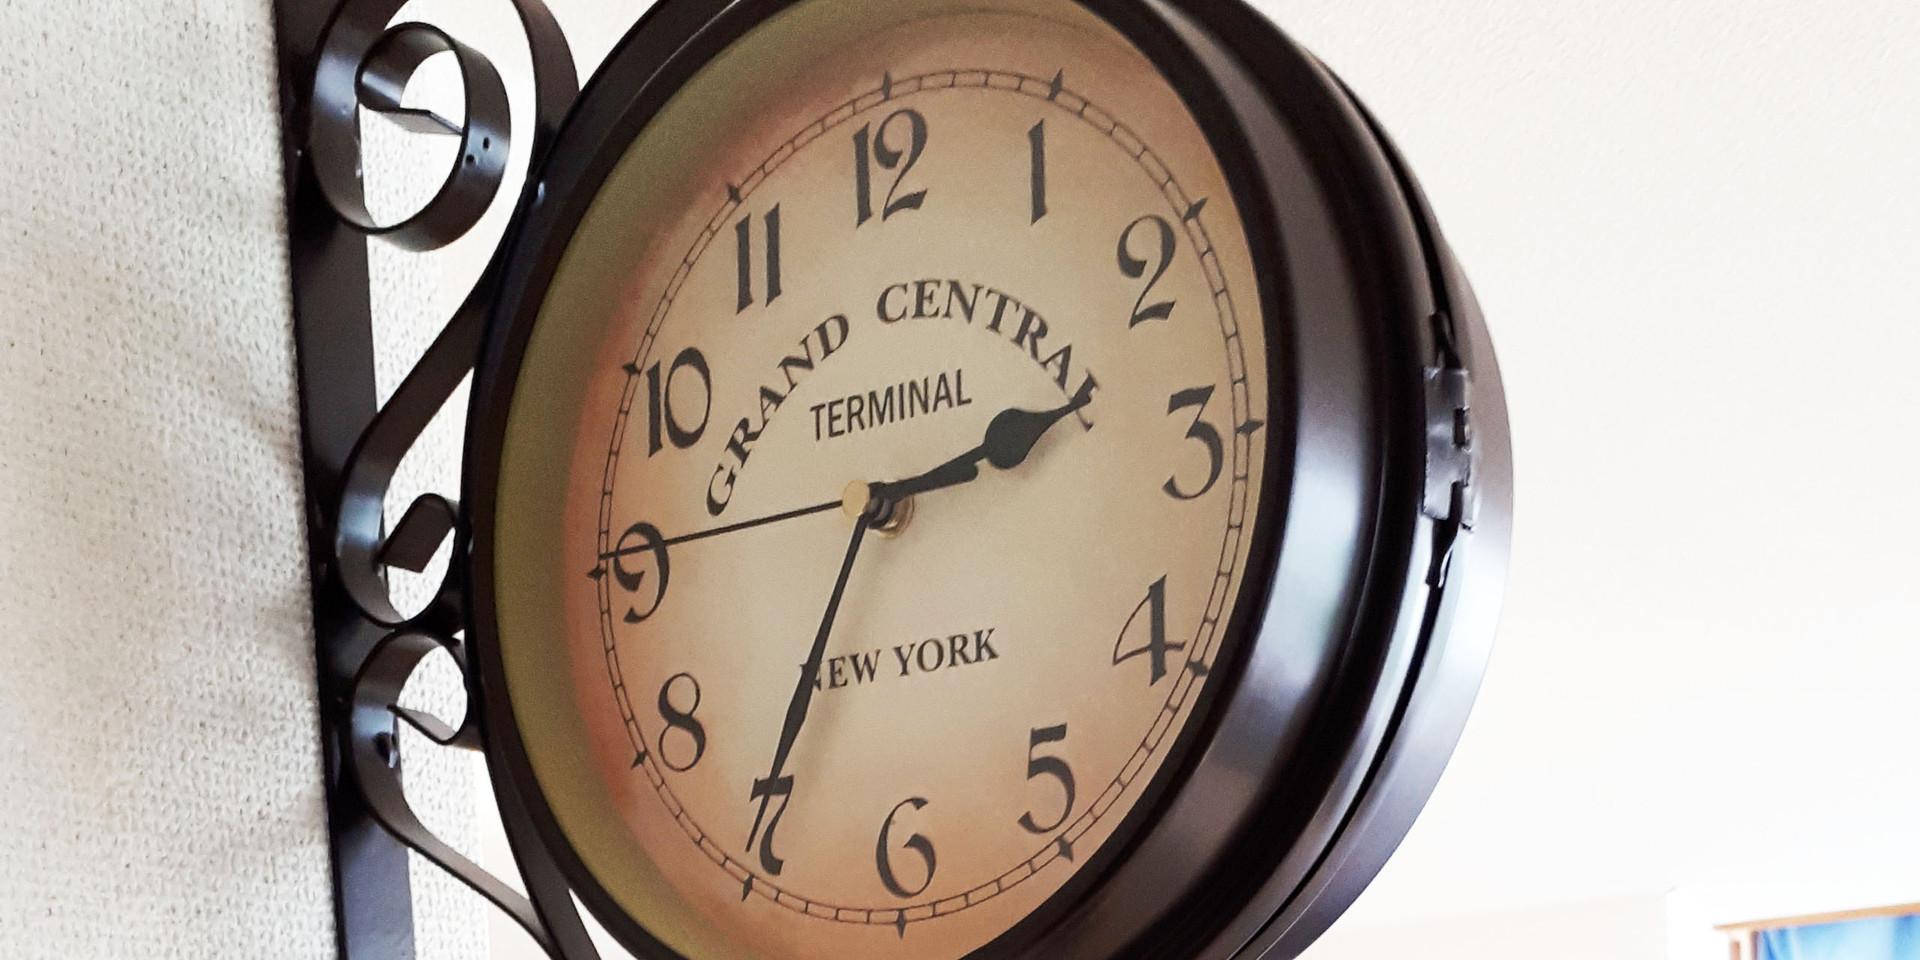 レッスン101の教室の時計です。